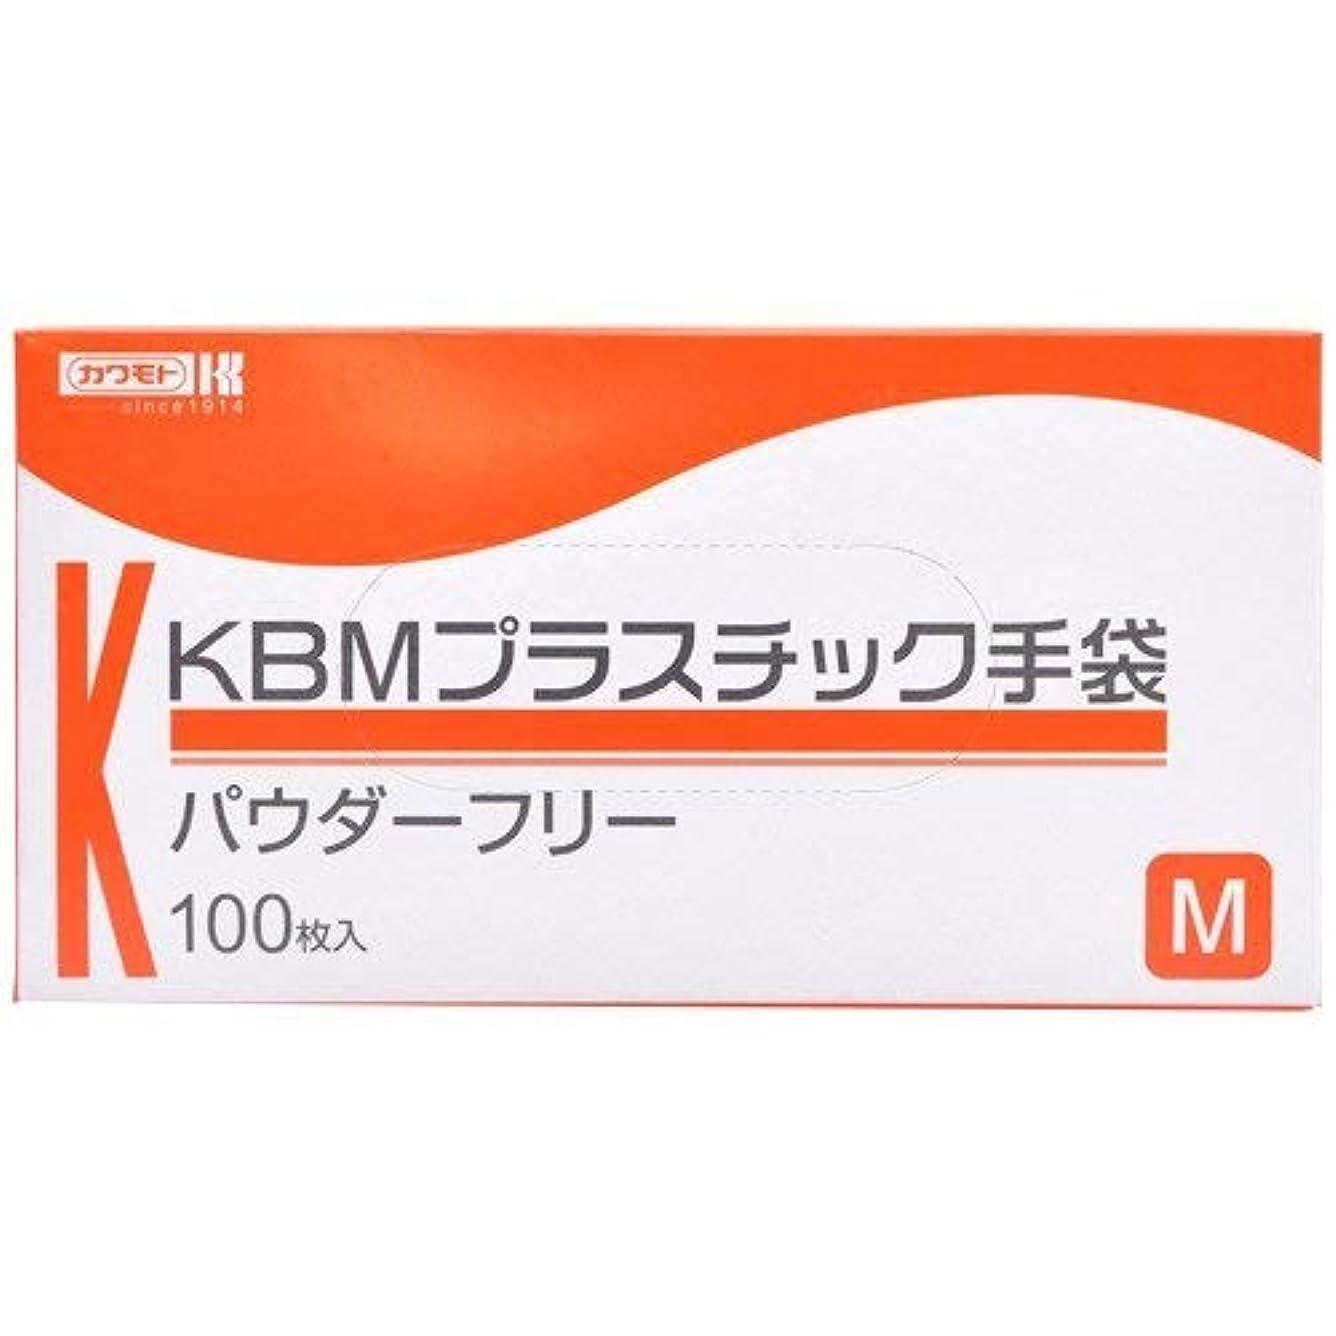 敗北革命予測する川本産業 KBMプラスチック手袋 パウダーフリー M 100枚入 ×2個